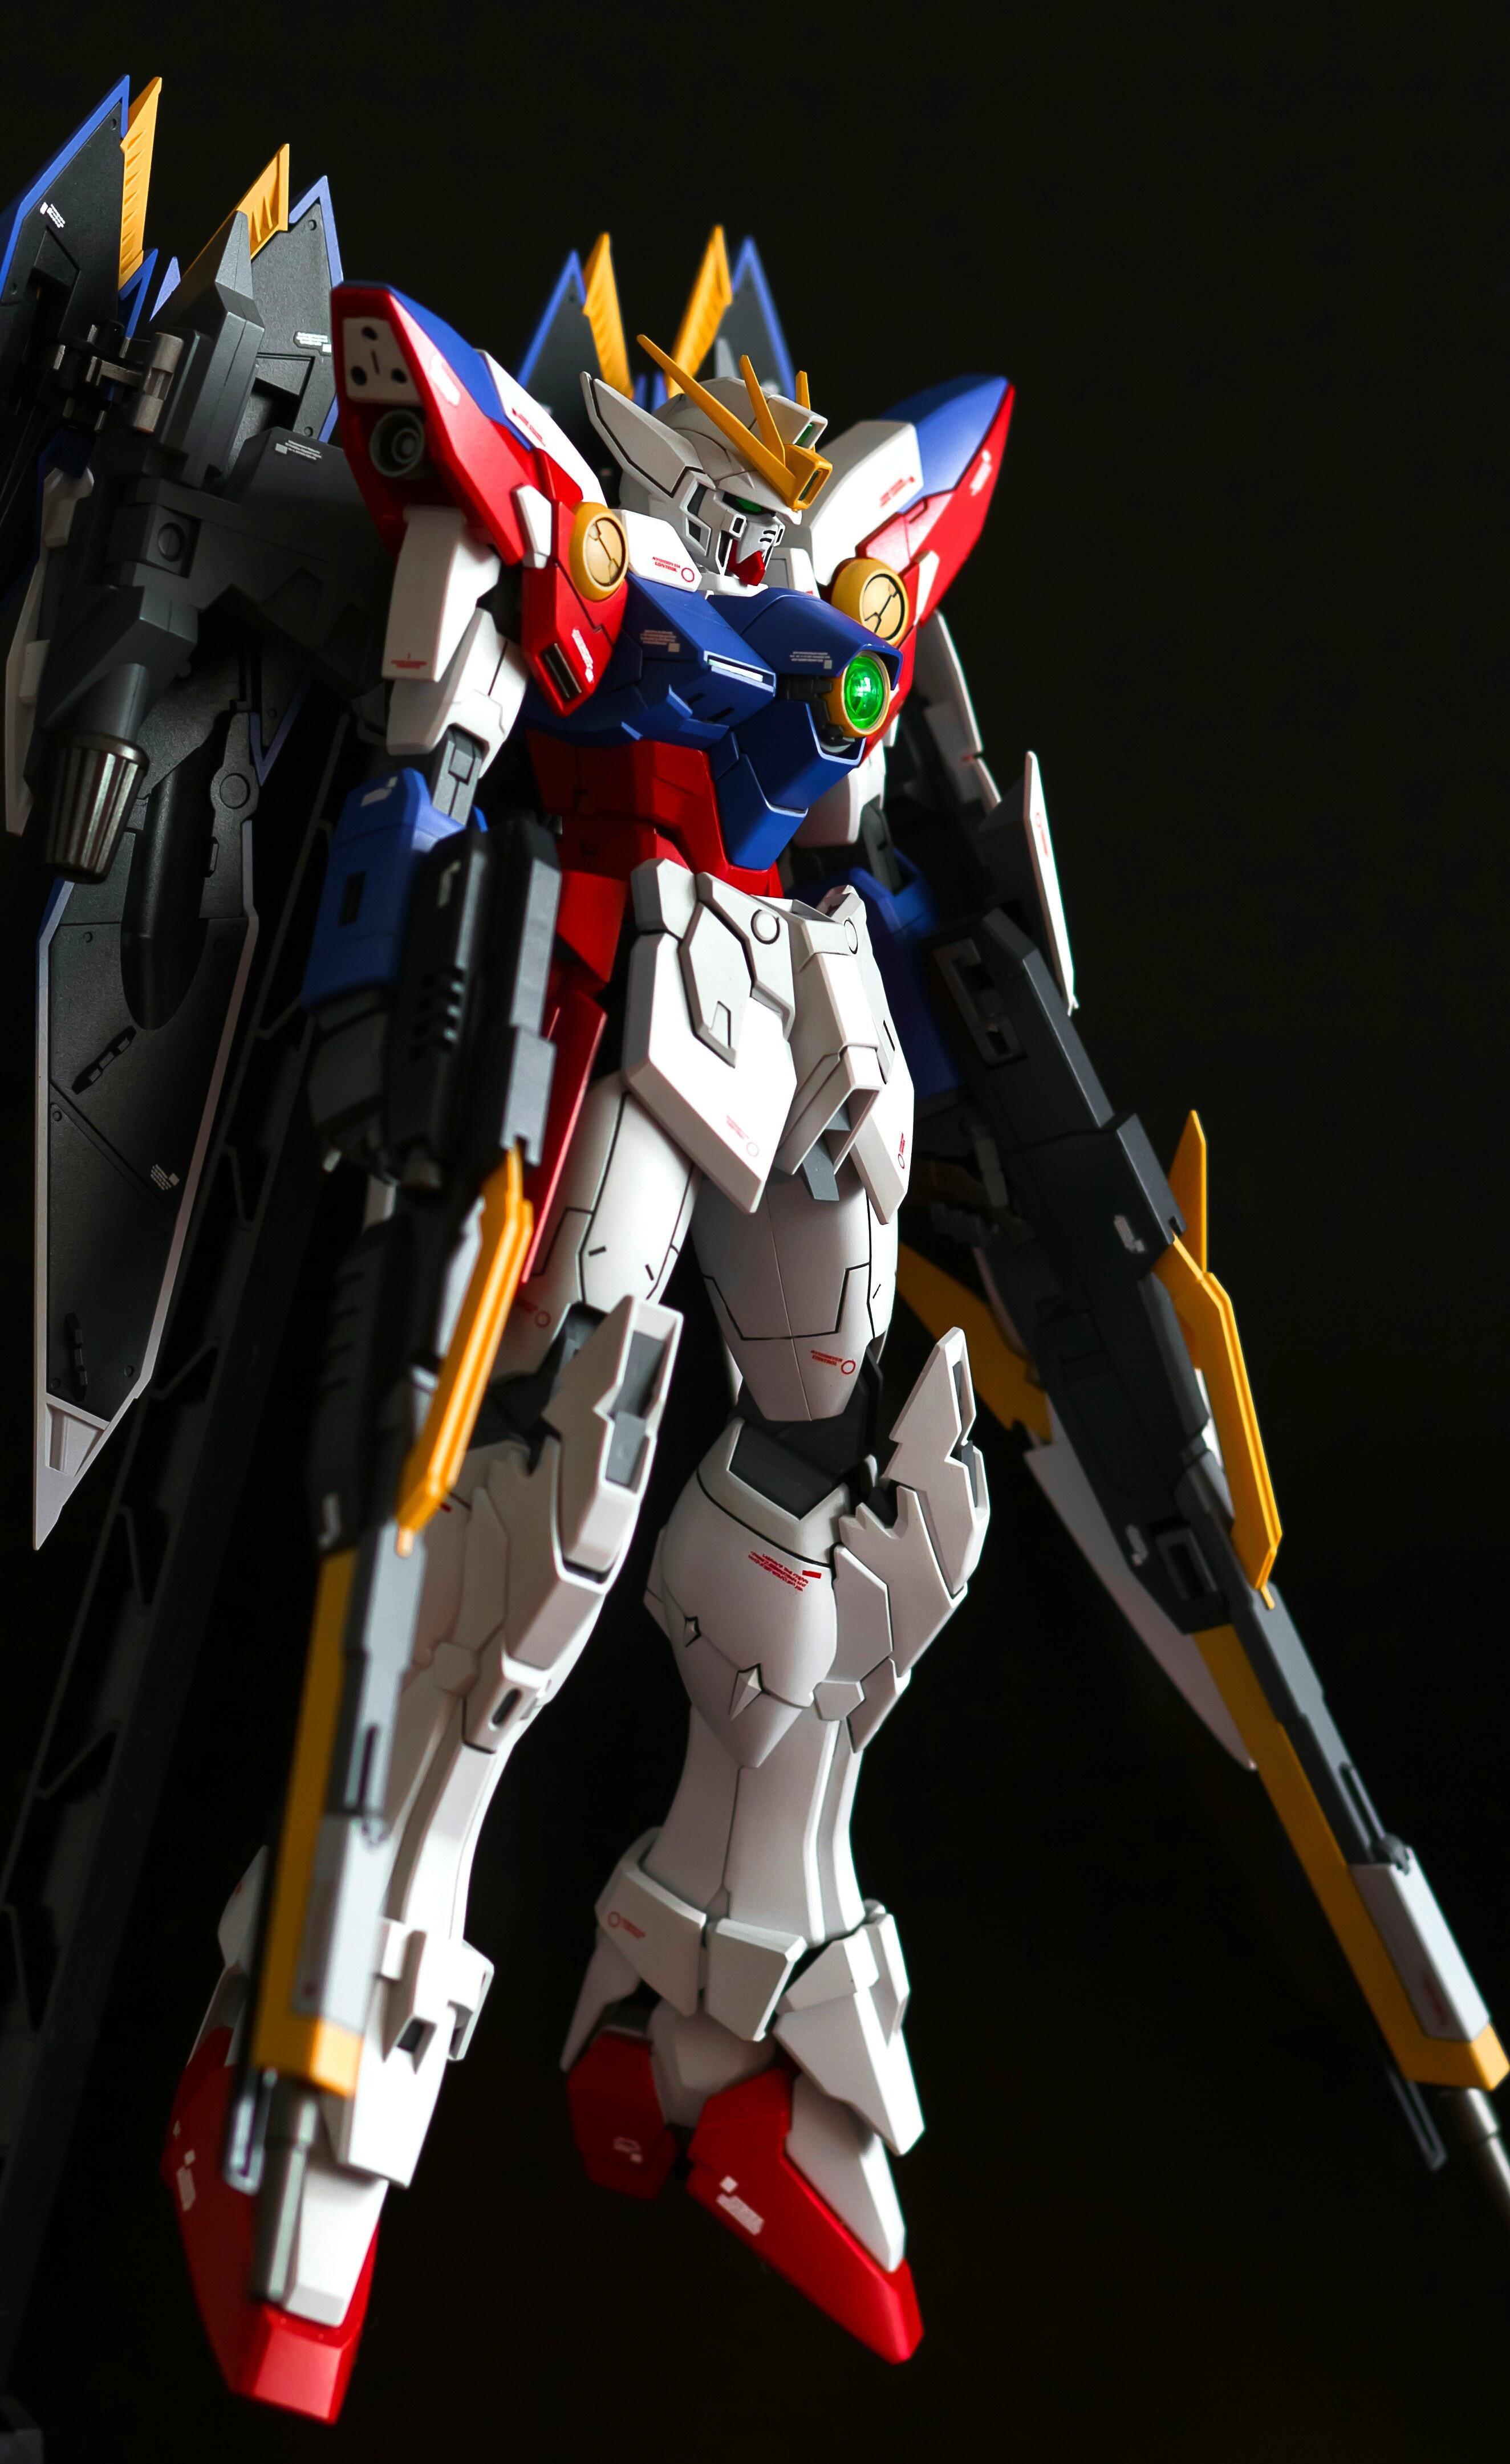 Gambar Model Asia Mesin Mainan Robot Action Figure Karakter